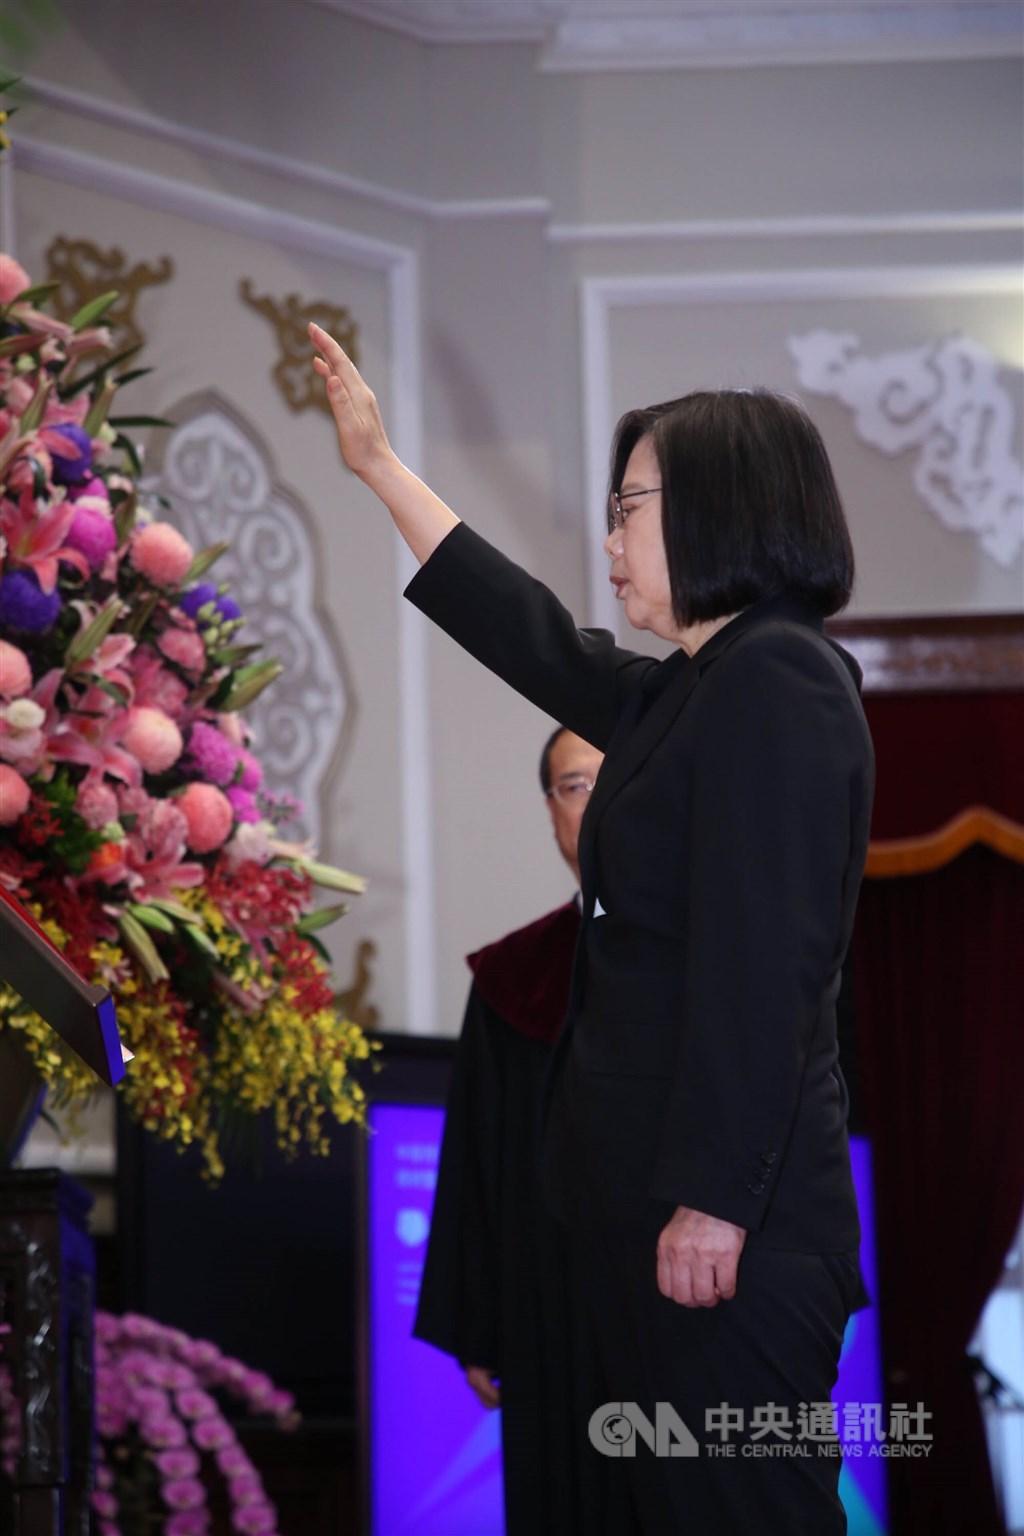 第15任總統、副總統宣誓就職典禮20日上午9時在總統府大禮堂舉行,新任總統蔡英文(前)在大法官許宗力監誓下宣誓就職。中央社記者鄭傑文攝 109年5月20日